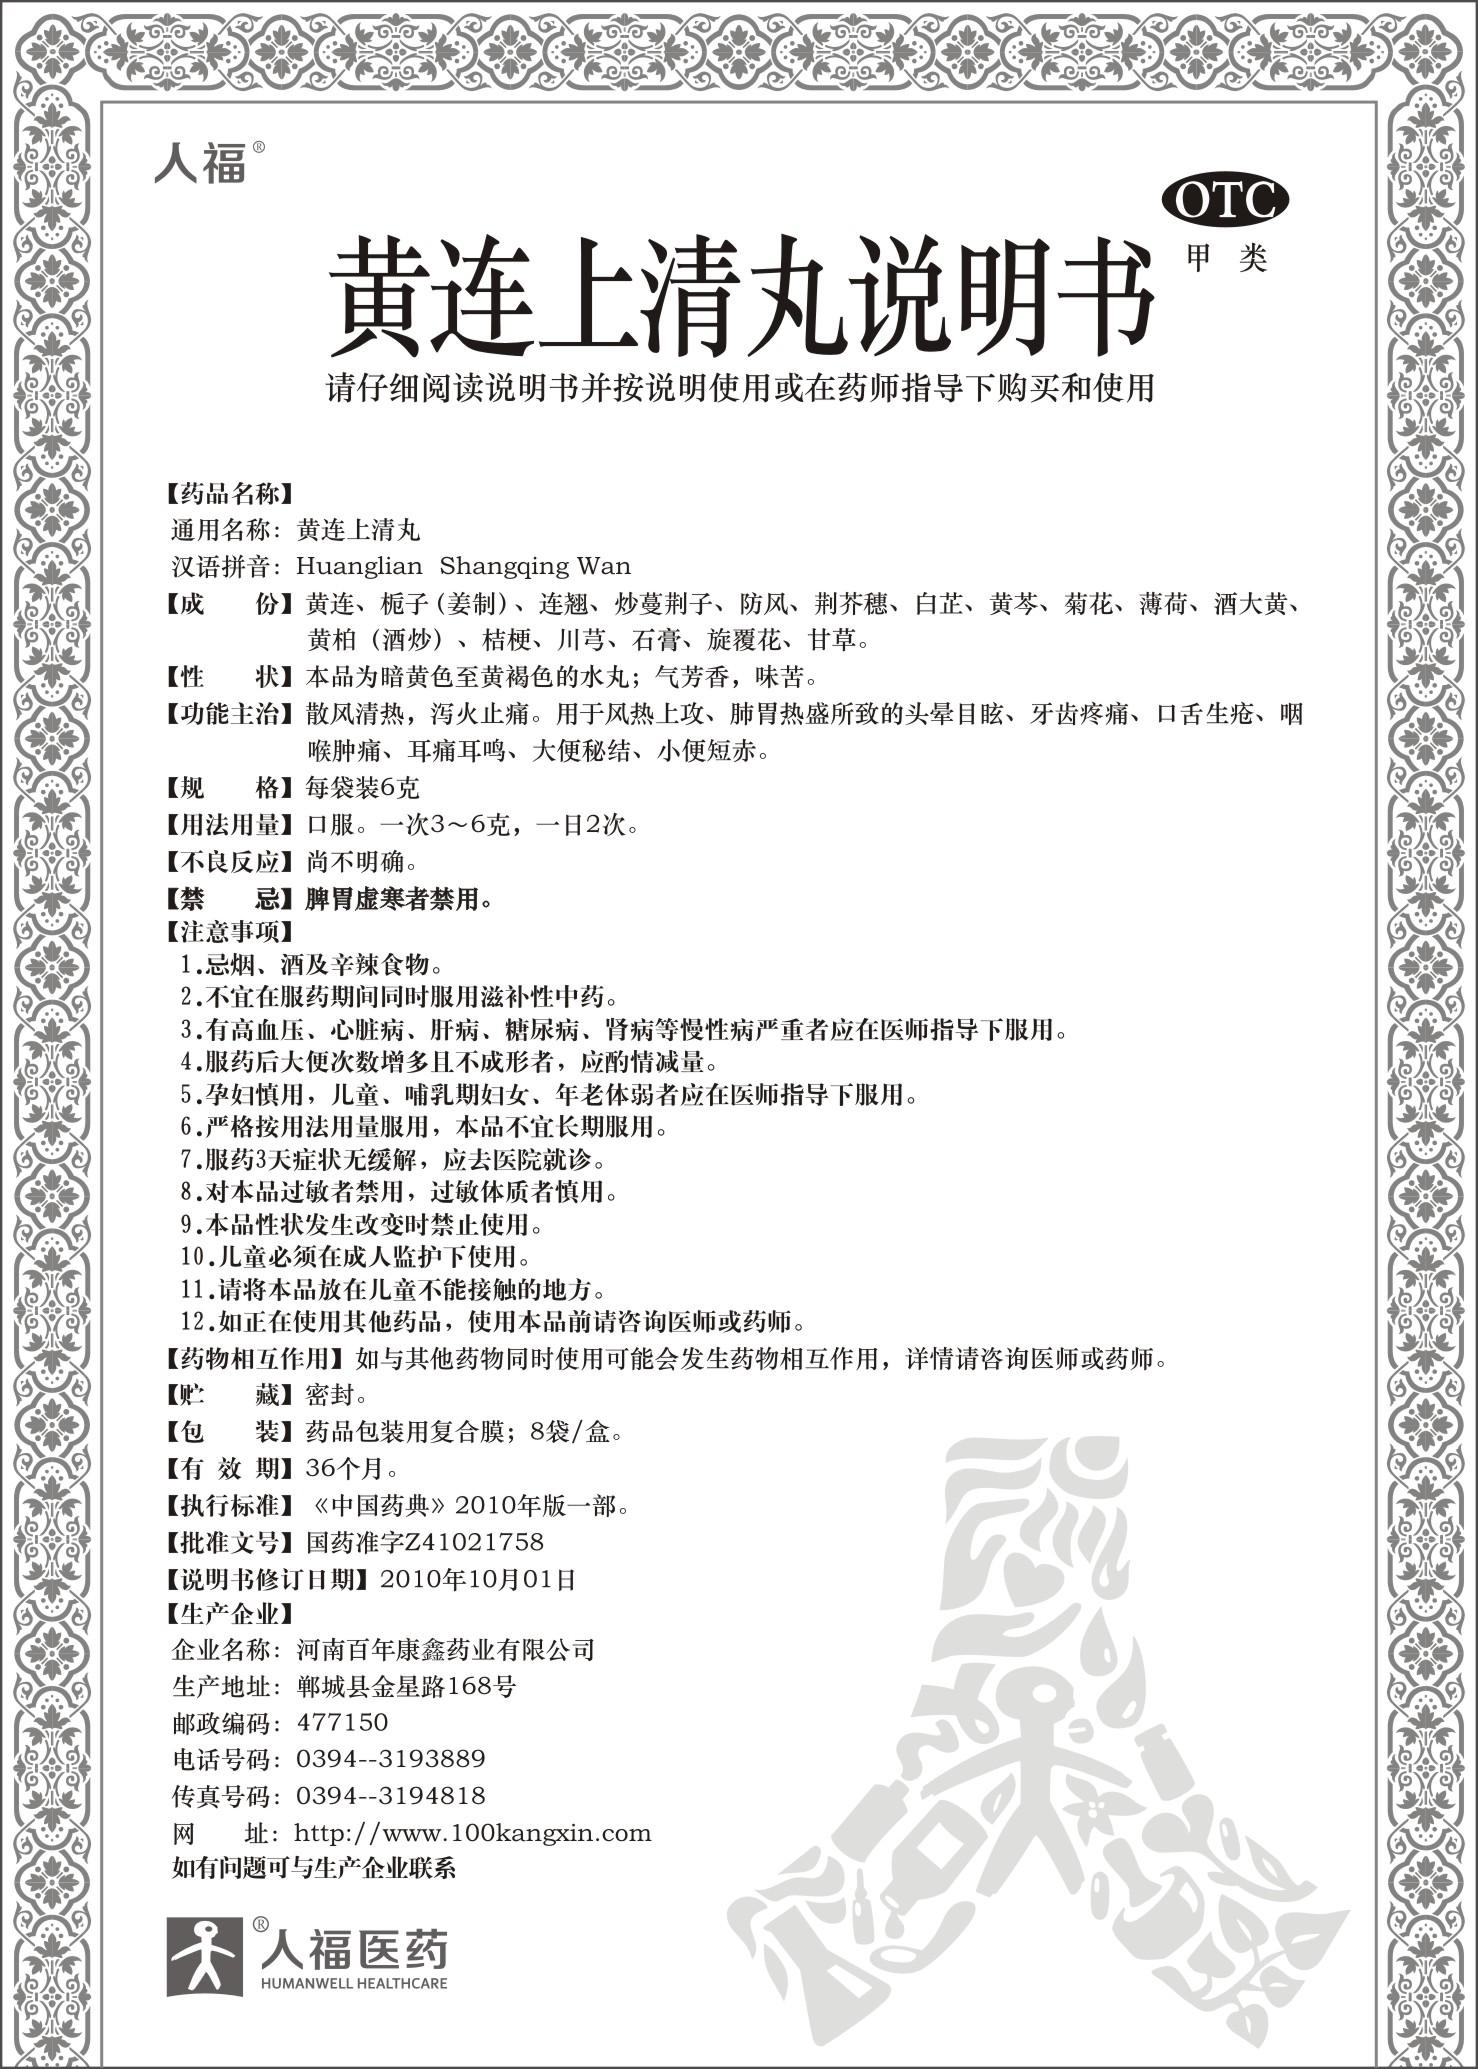 黄连上清丸景德镇首饰陶瓷图片